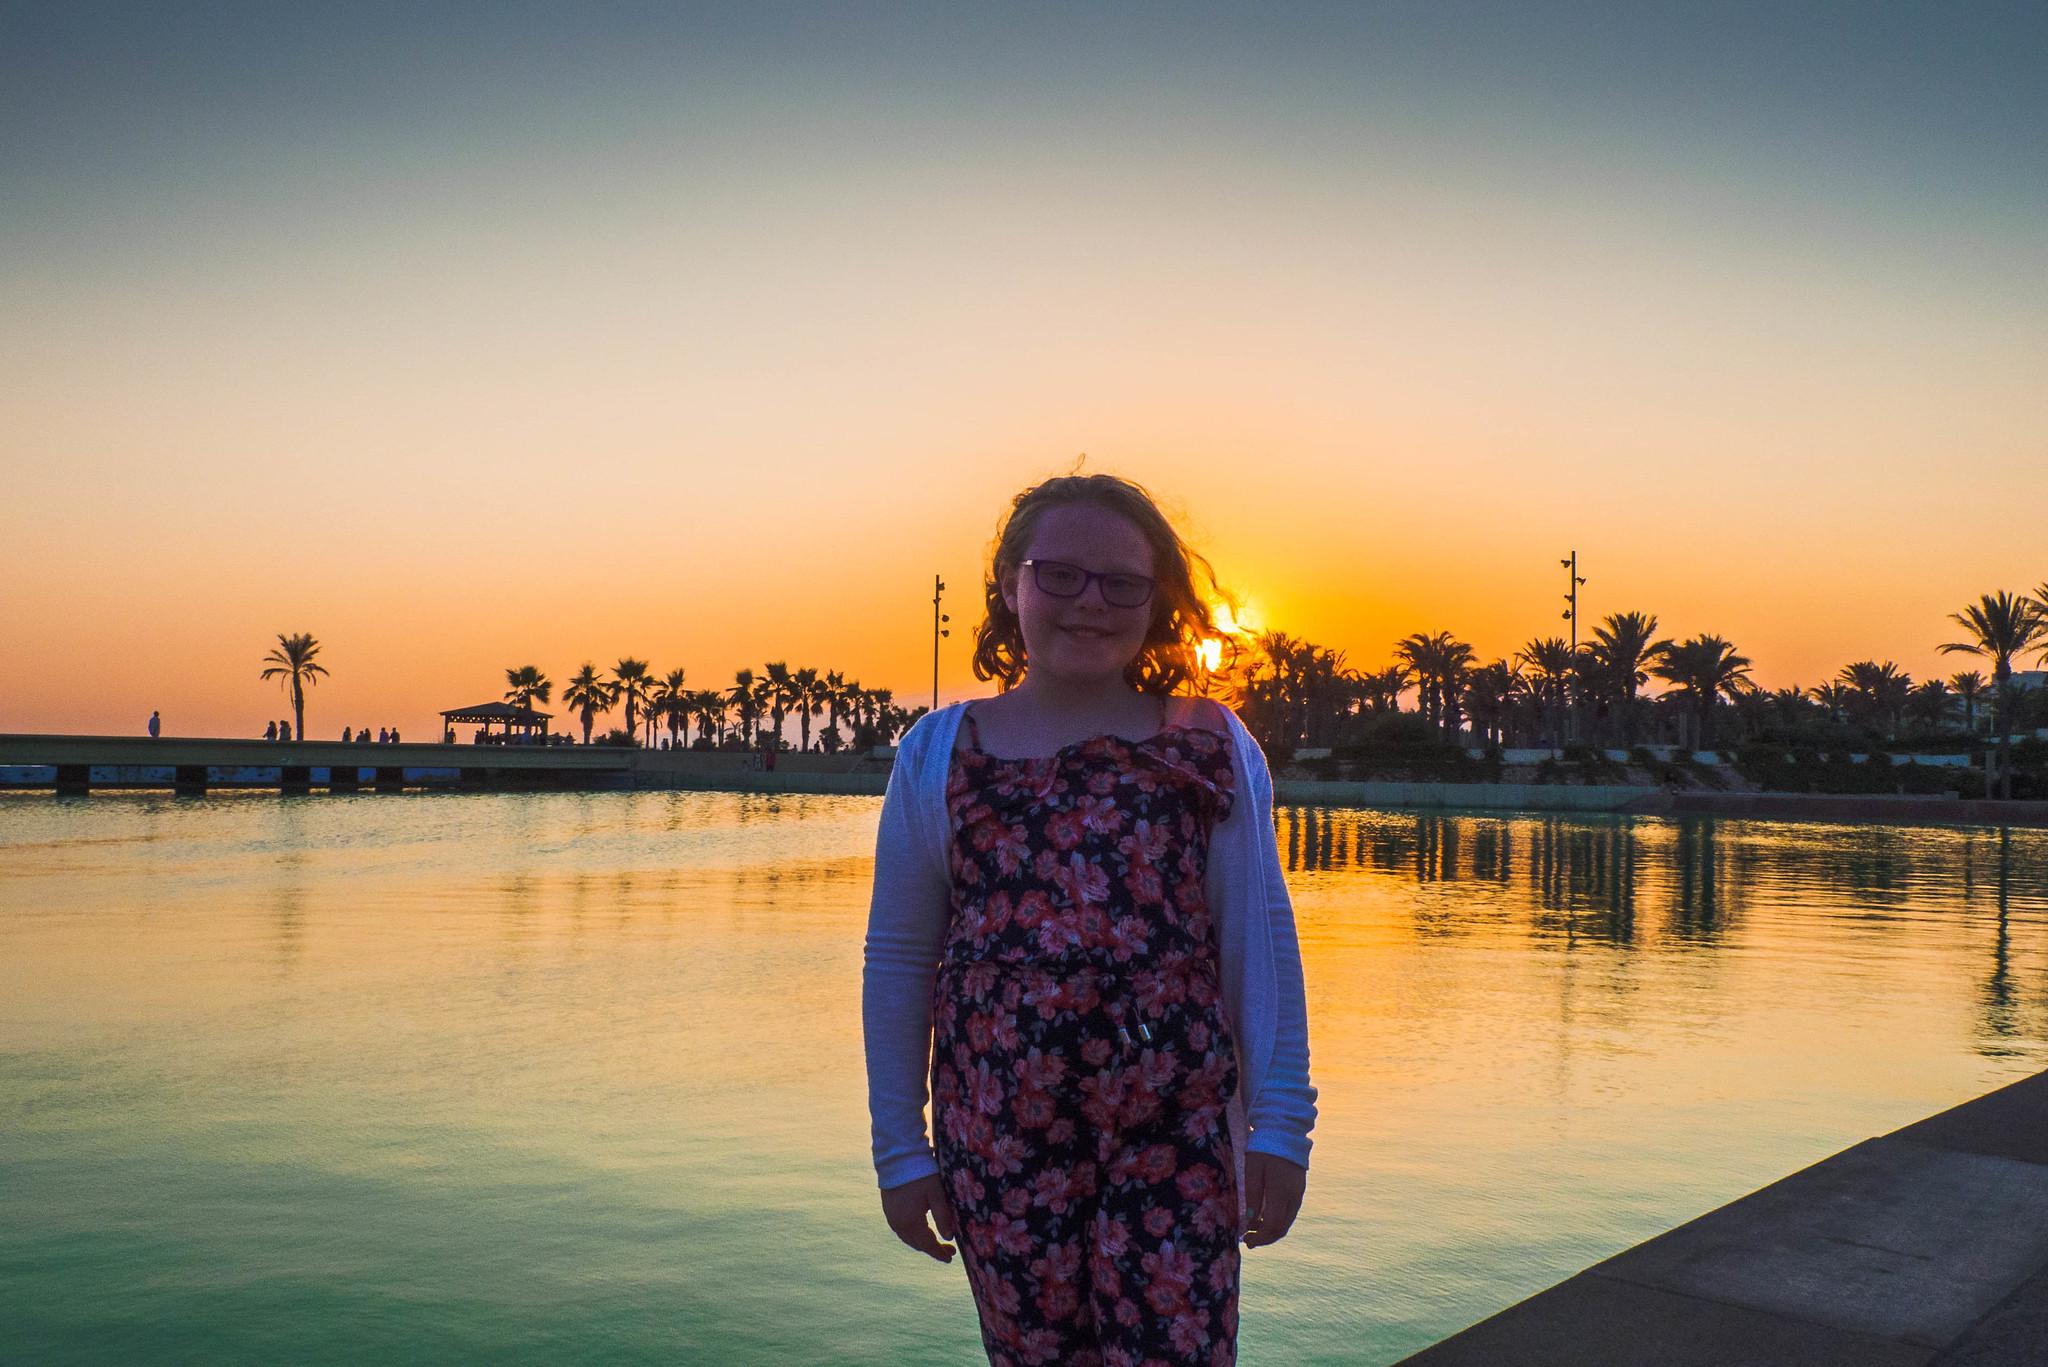 Spain - First Evening Sunset